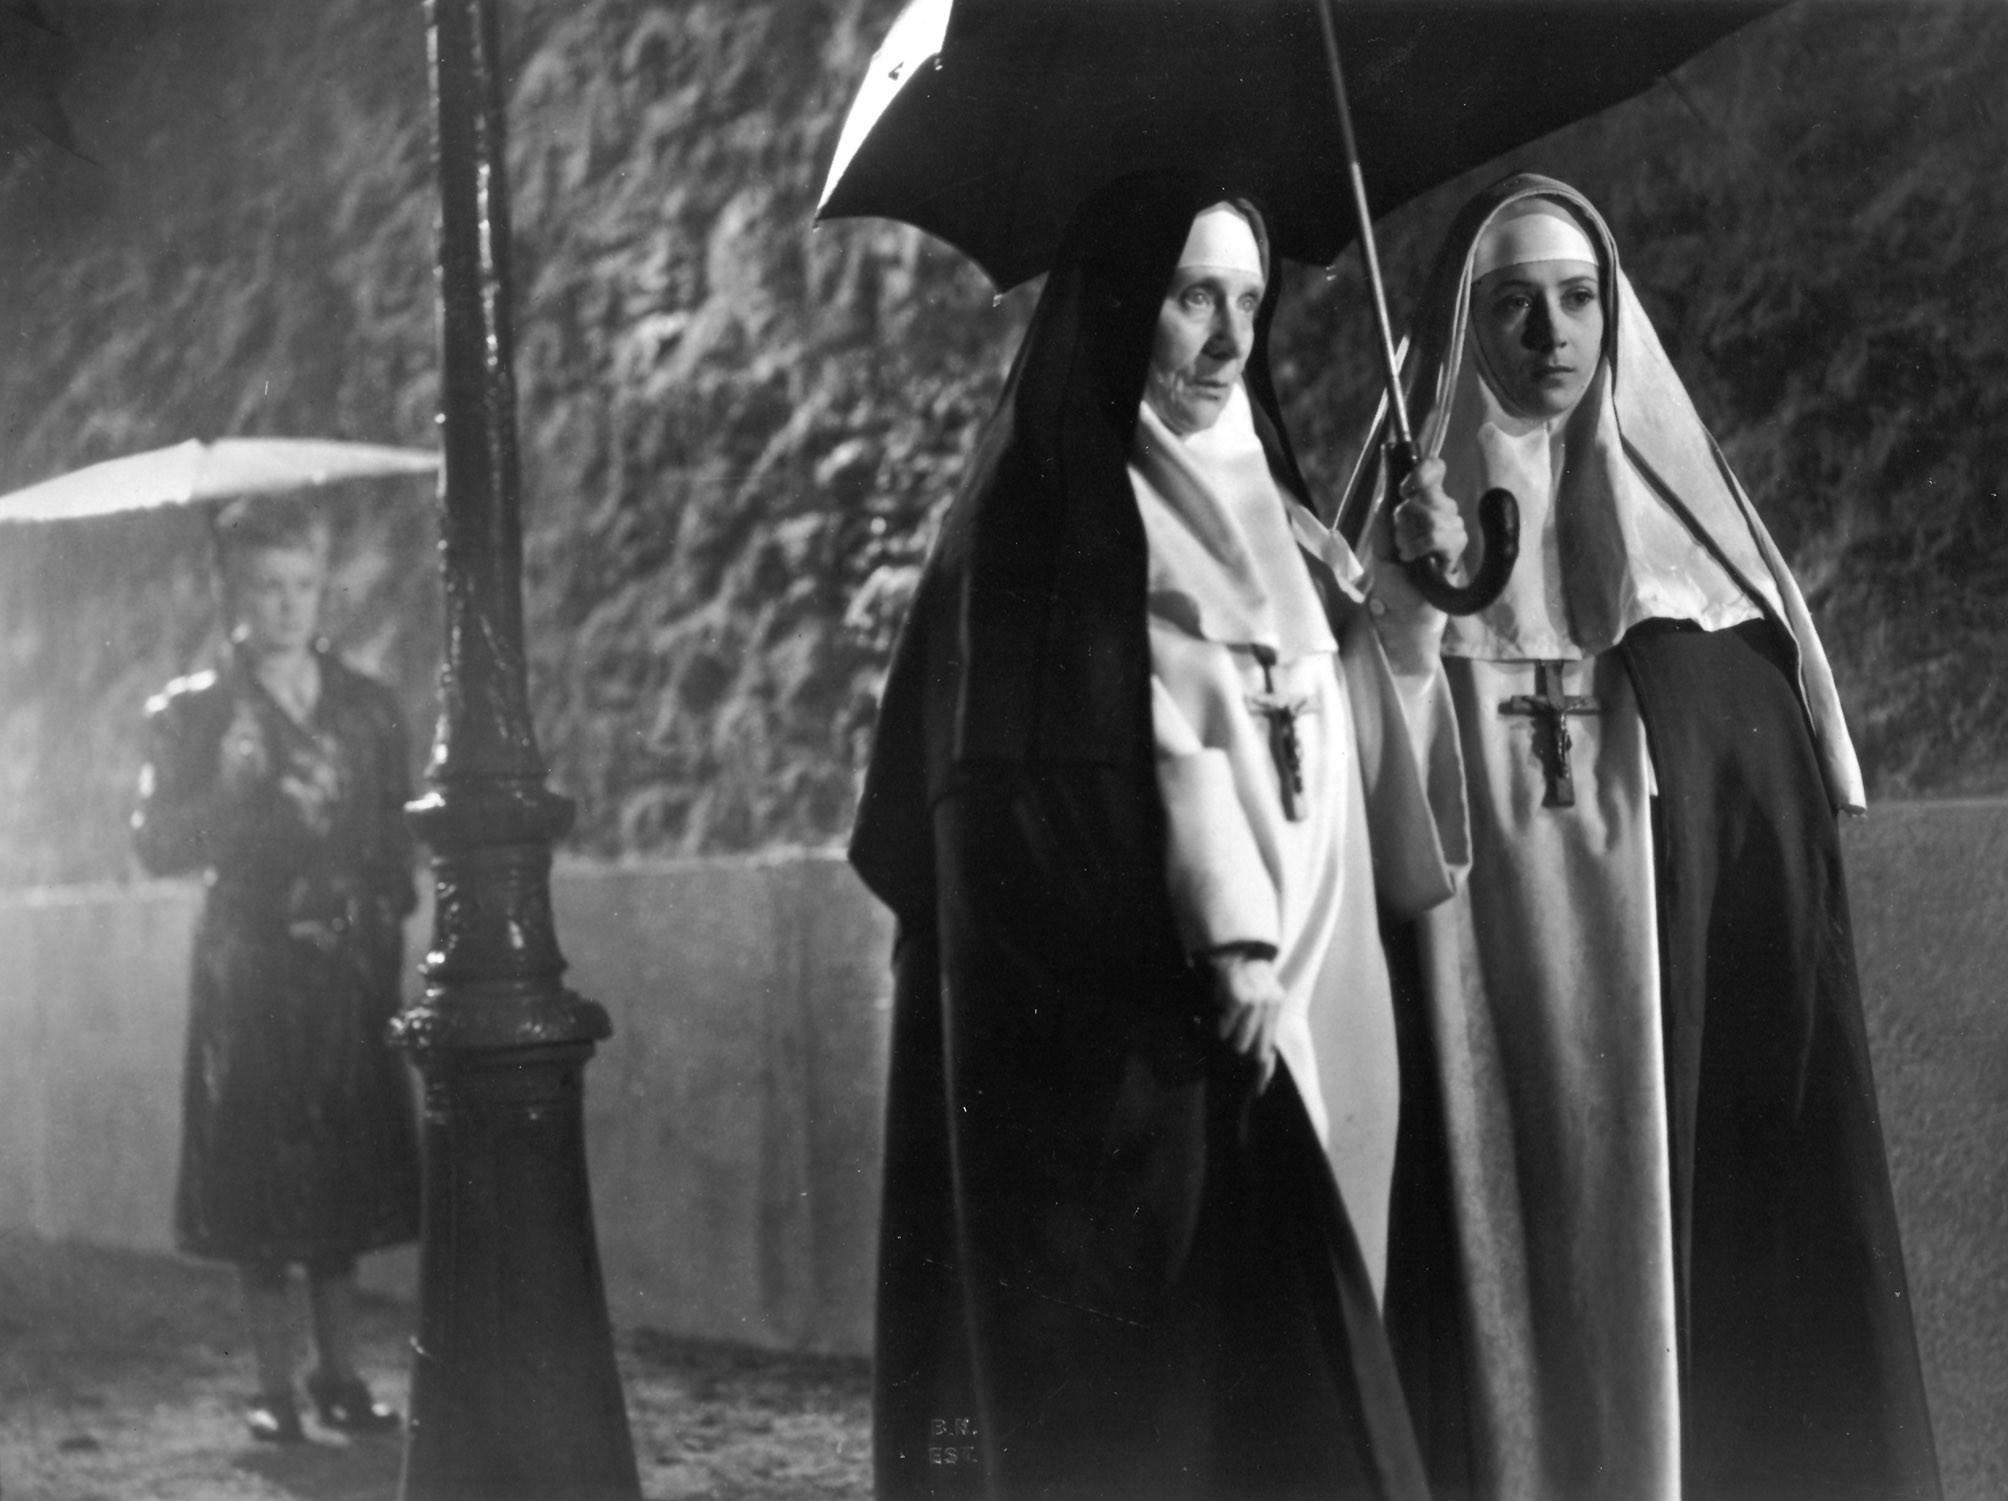 Renée Faure and Sylvie in Les anges du péché (1943)